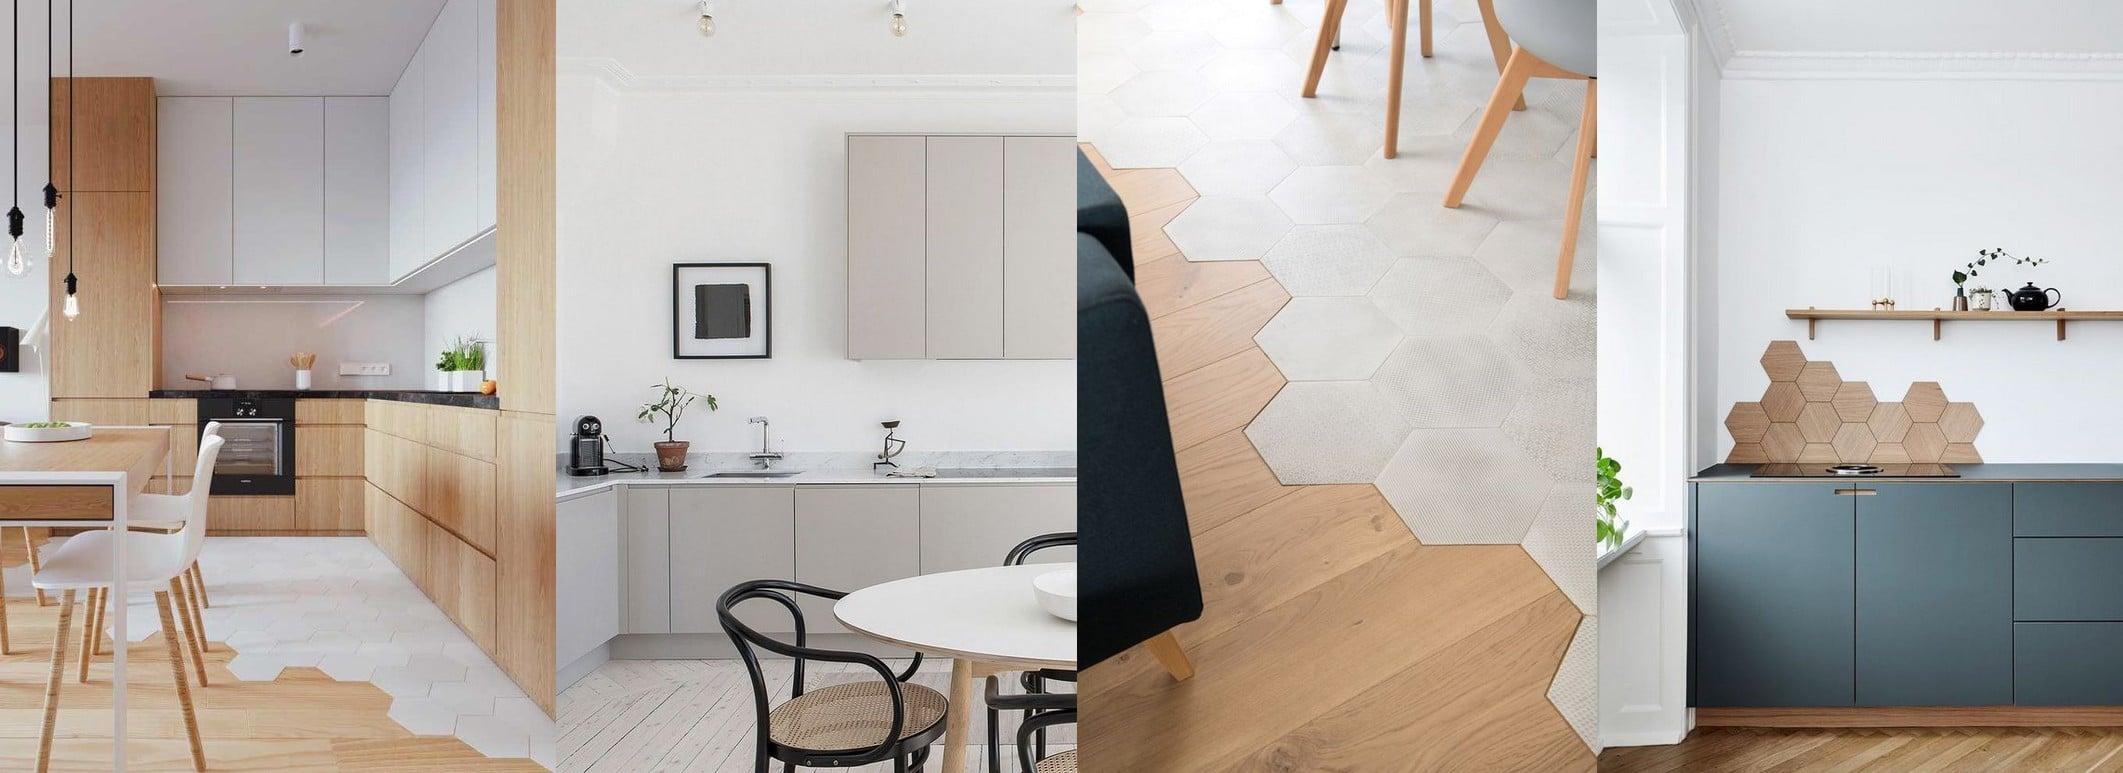 Amenager Une Cuisine Ouverte Atelier Ml Deco Decoratrice D Interieur Rouen